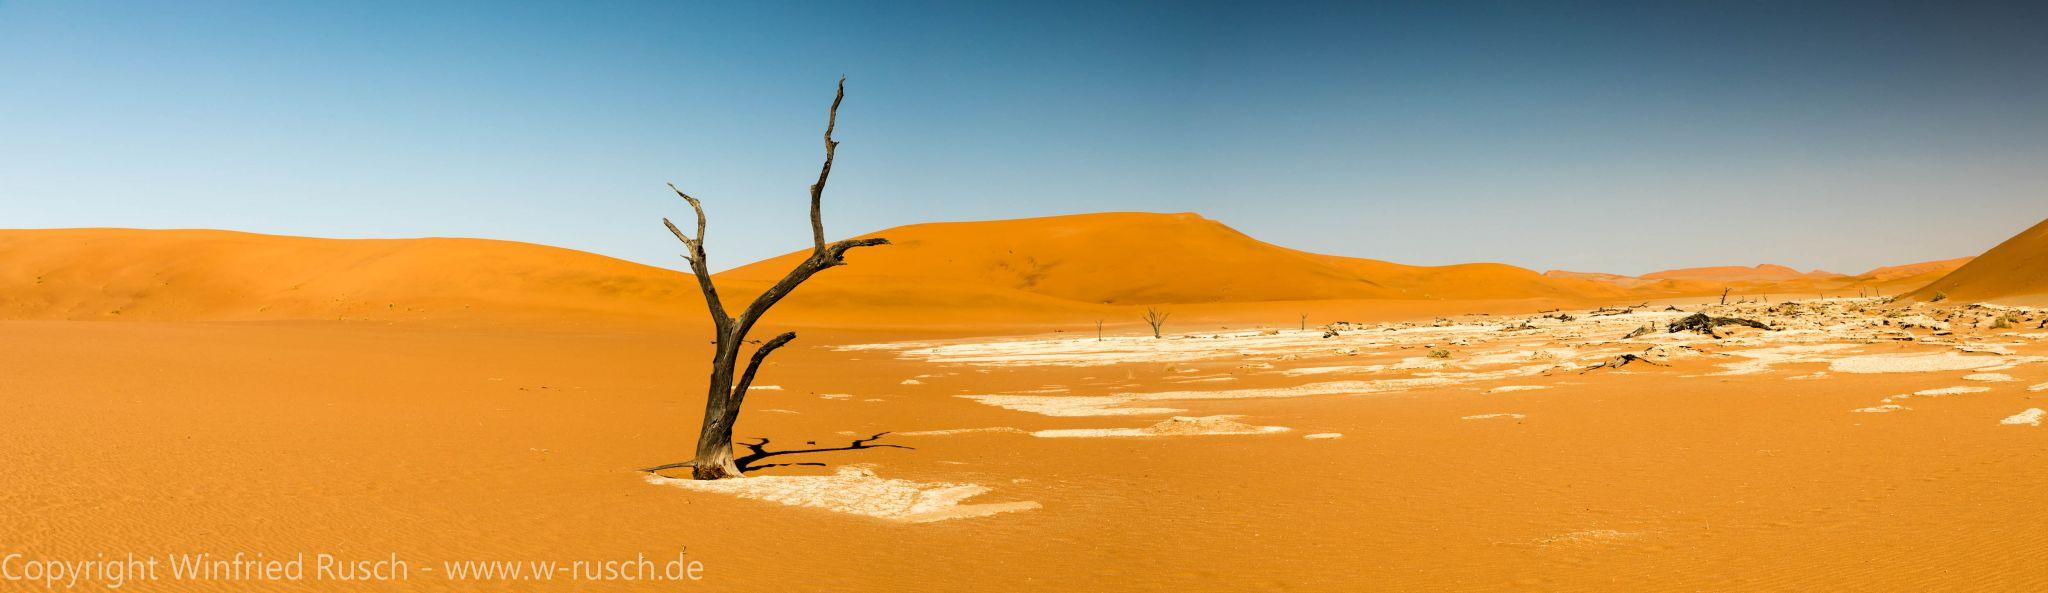 einsamer Baum, Namibia